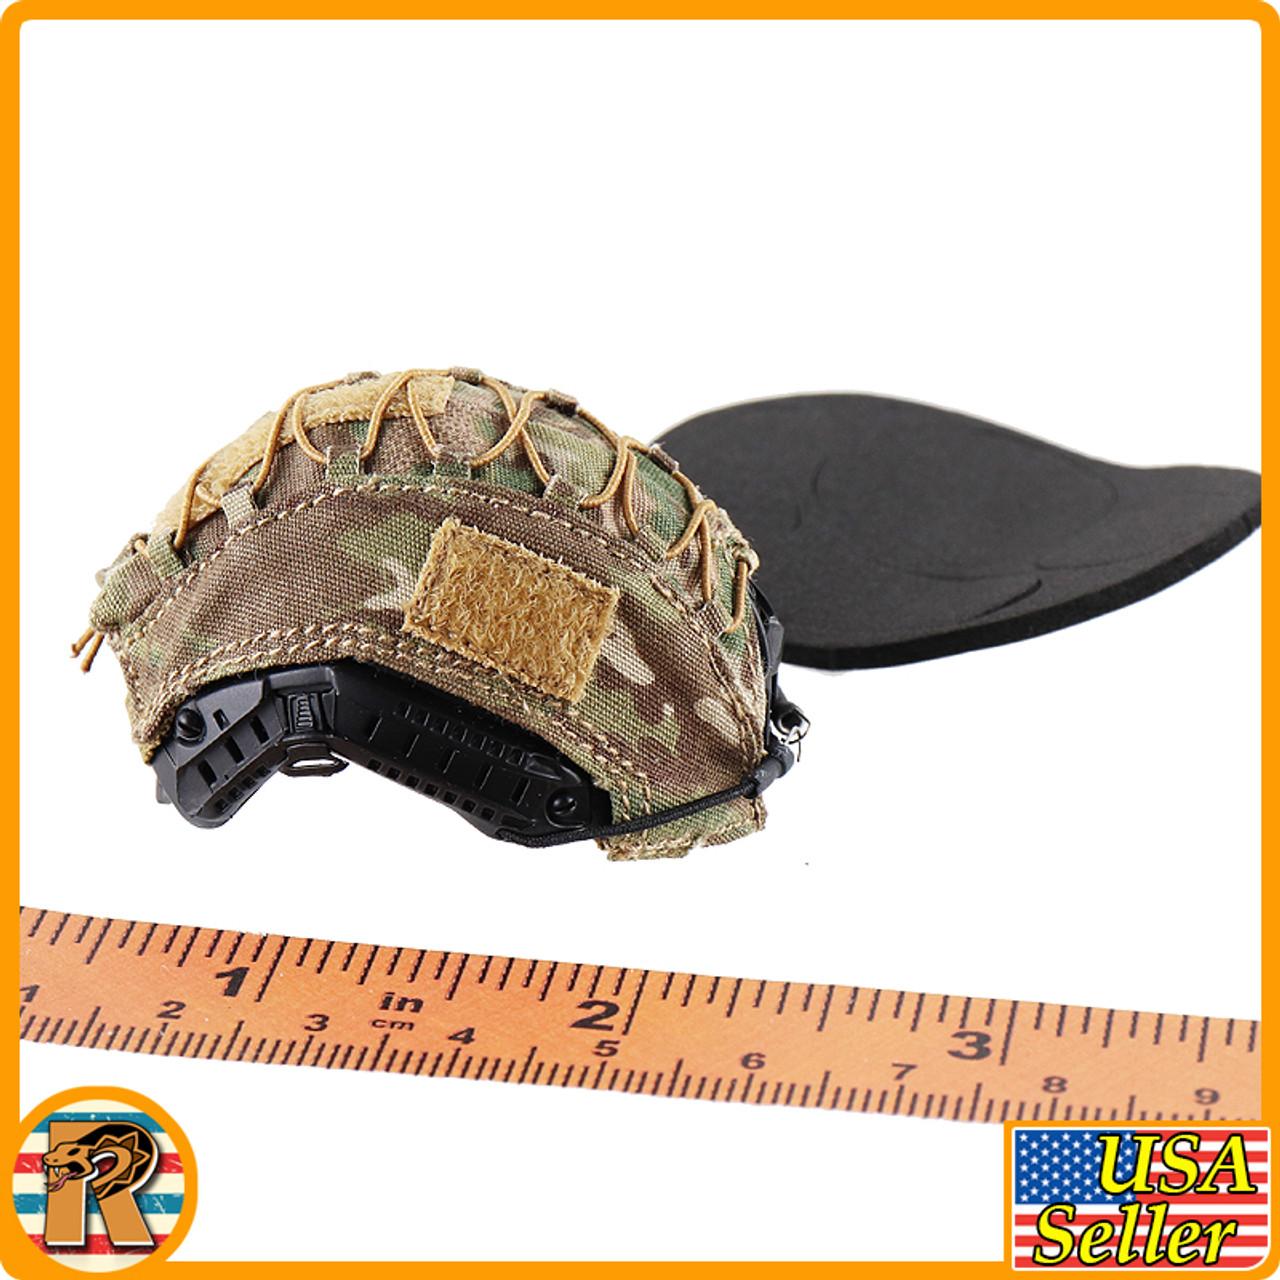 Miss Spetsnaz - FAST Helmet - 1/6 Scale -